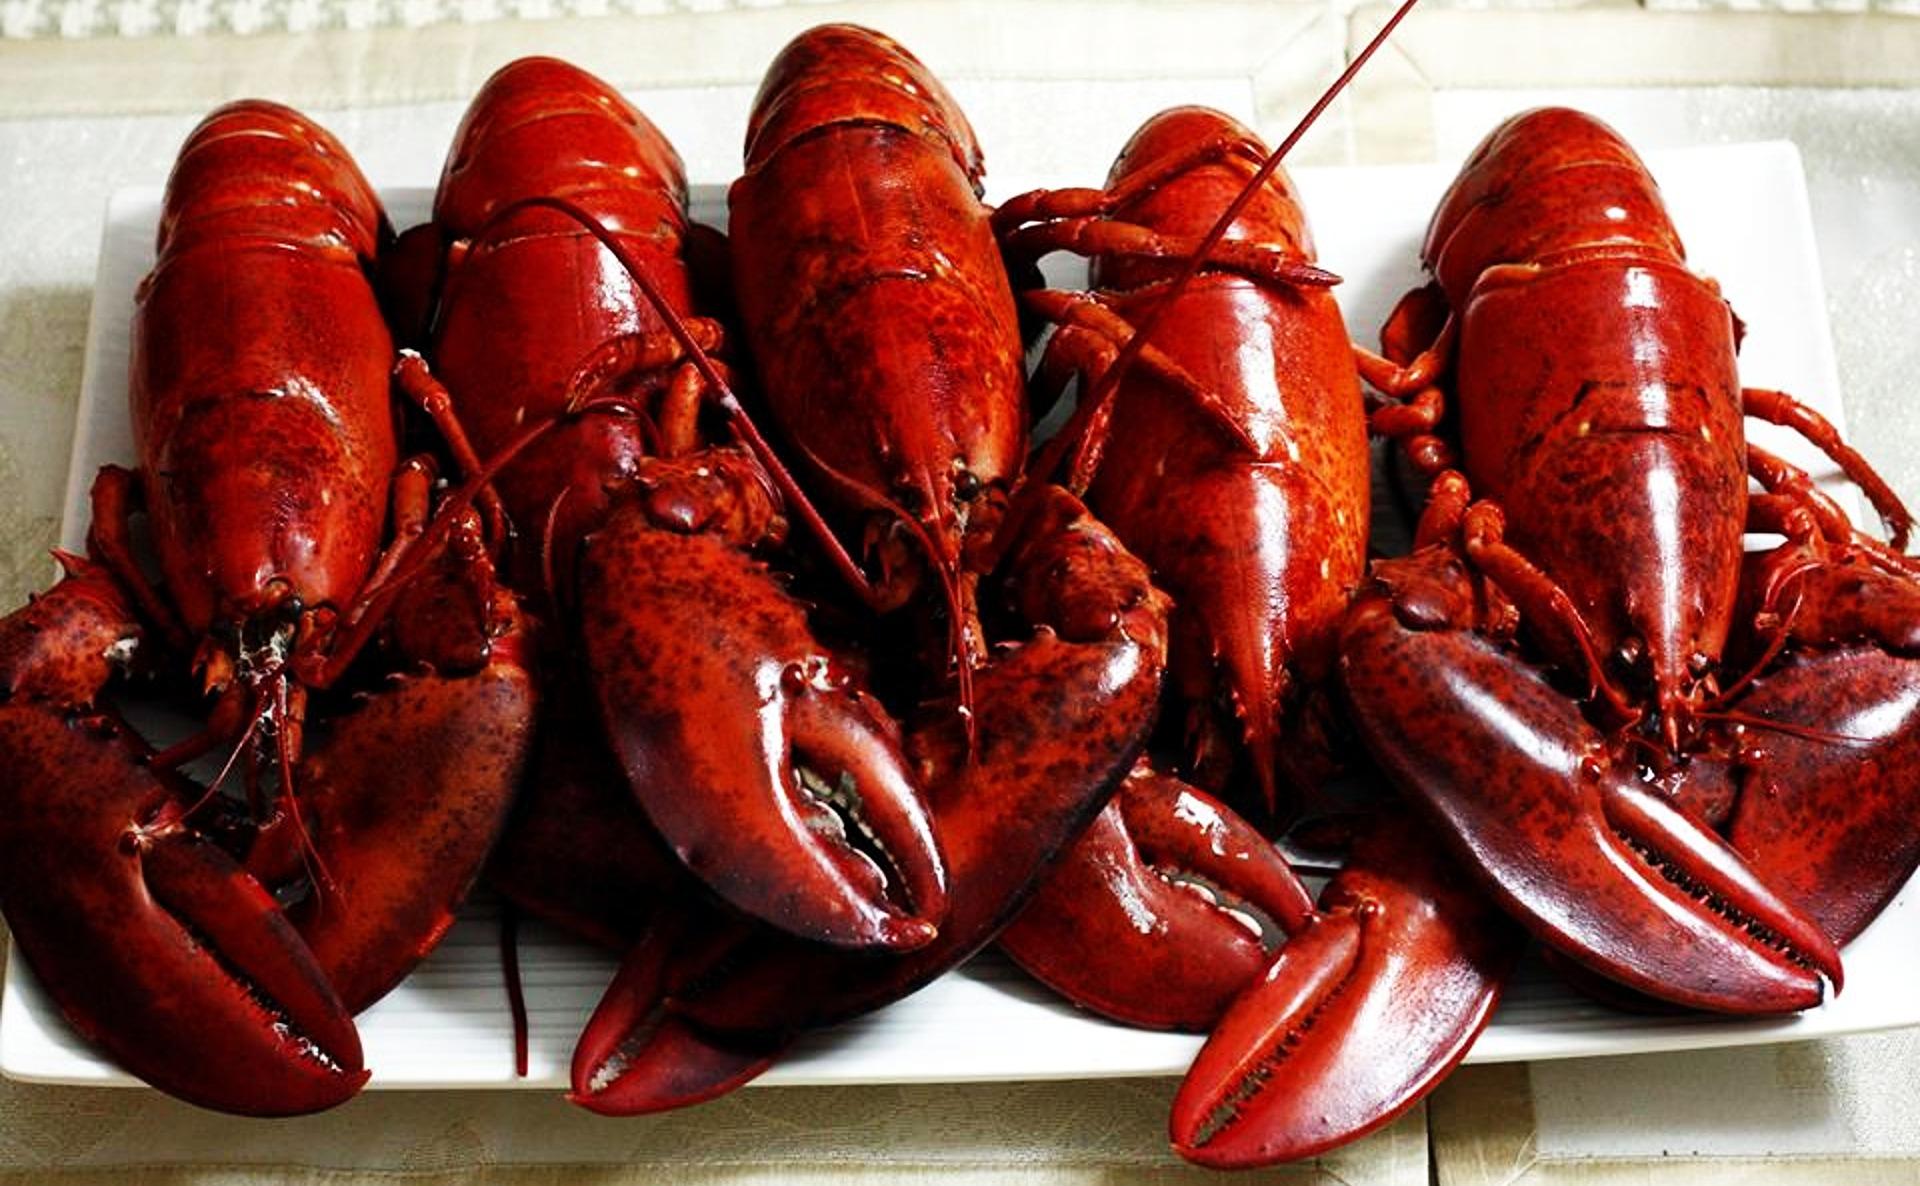 lobsters-2916160_1920.jpg